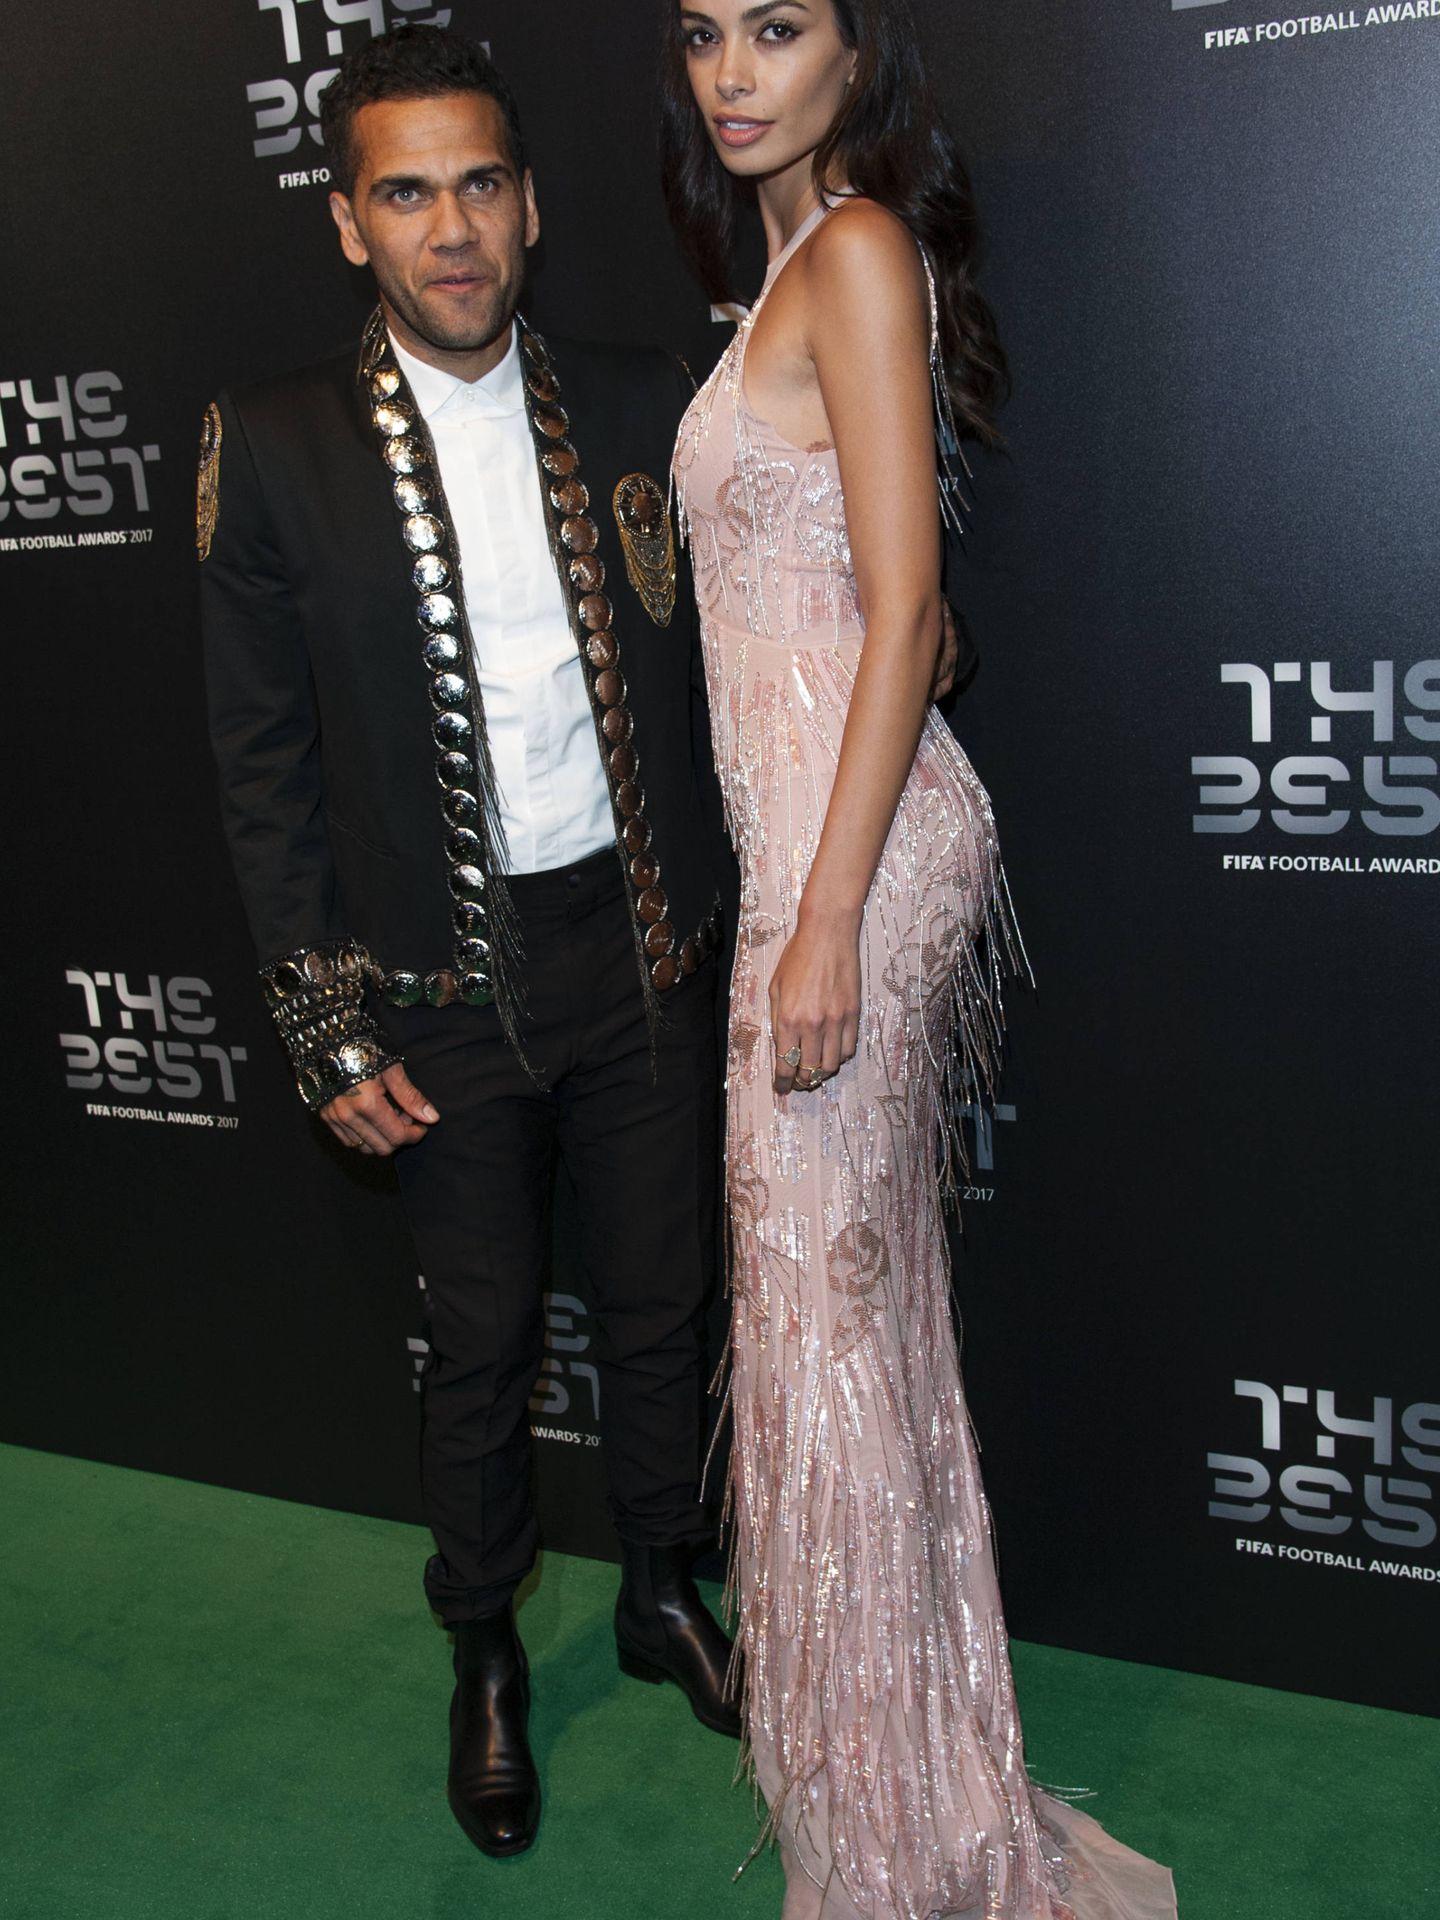 Dani Alves y su mujer, Joana Sanz, en los Premios The Best. (Gtres)